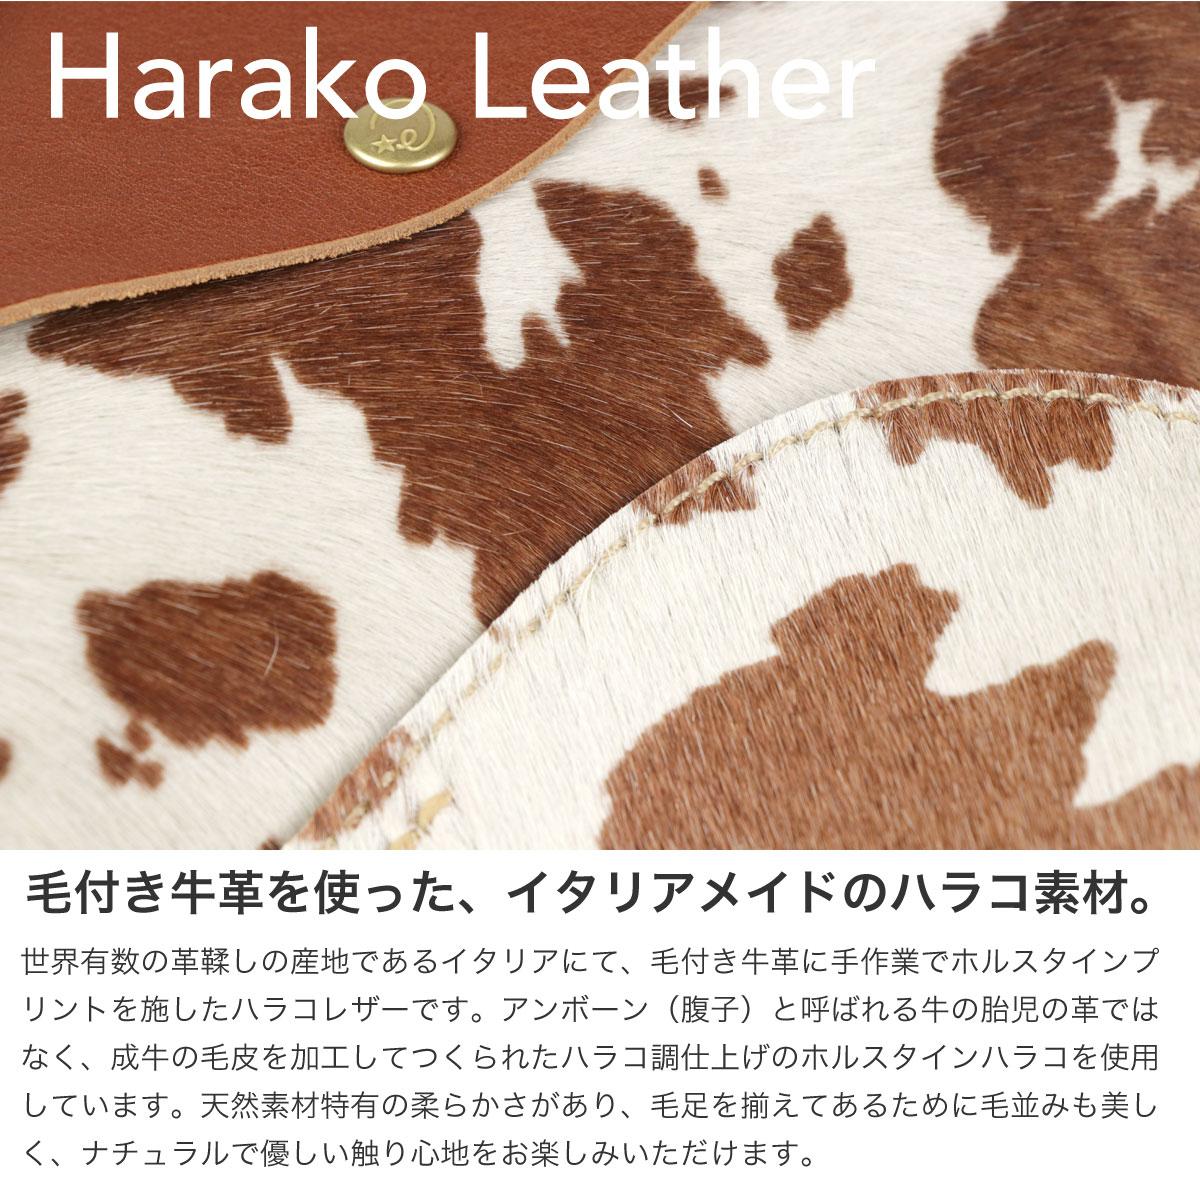 毛付き牛革を使った、イタリアメイドのハラコ素材。